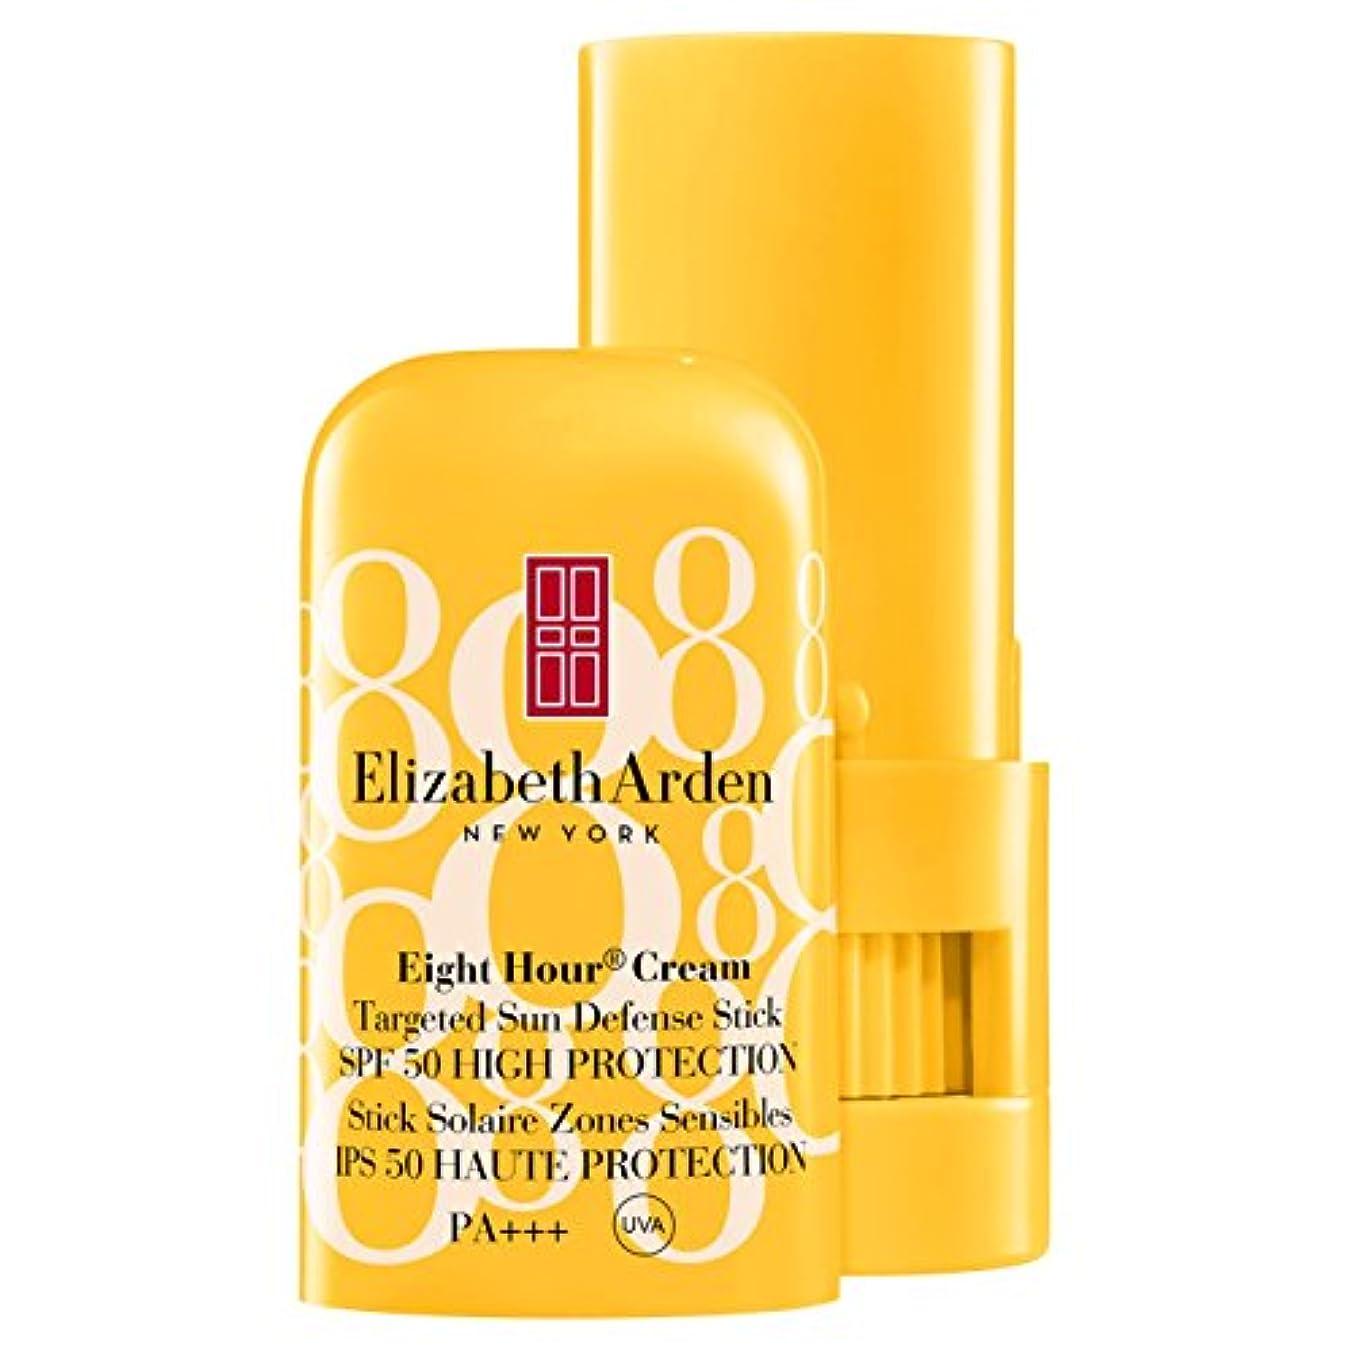 道暖かく雇用Elizabeth Arden Eight Hour? Cream Targeted Sun Defense Stick SPF50 High Protection 15ml (Pack of 6) - エリザベスアーデン...